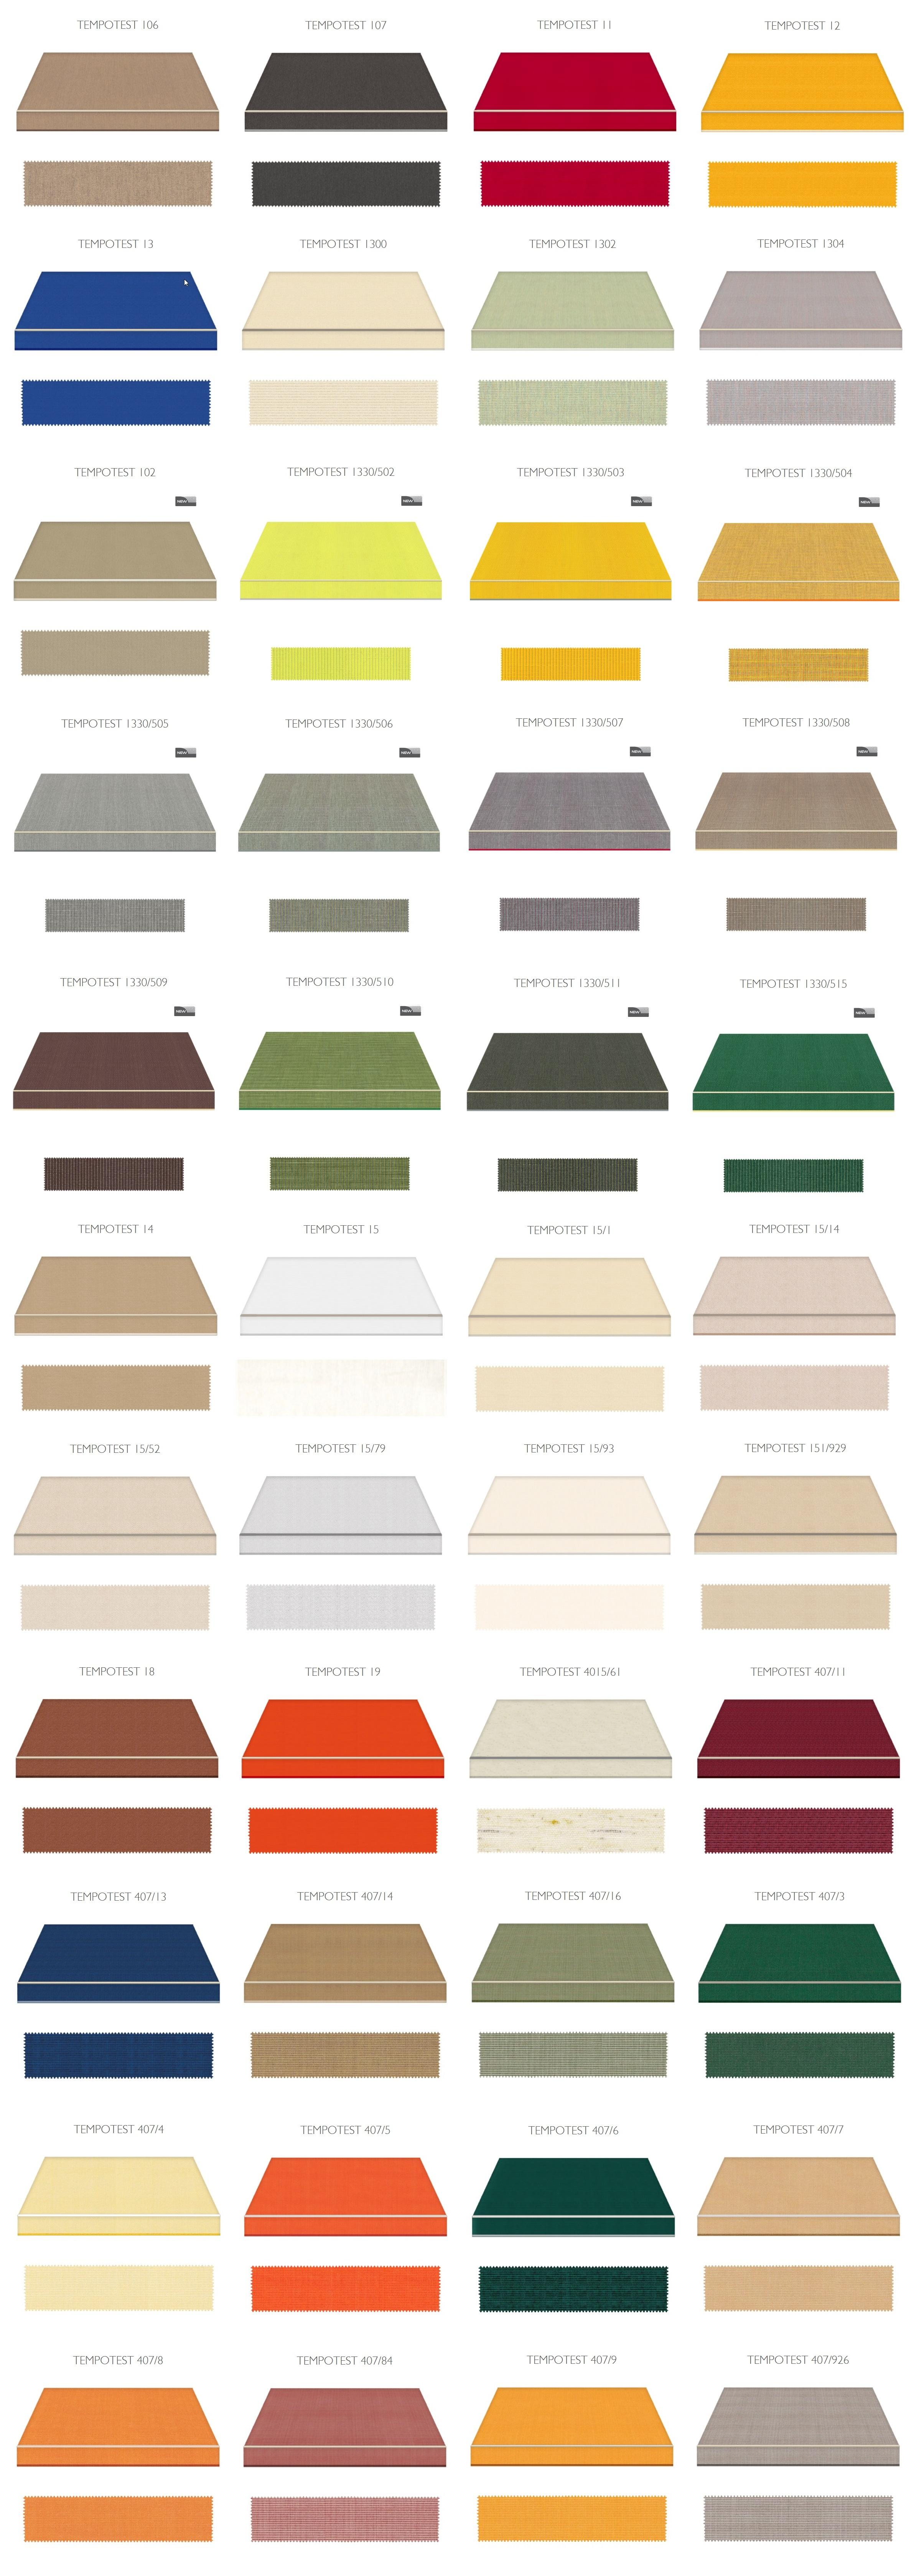 jednobojne boje za tende Adistrum